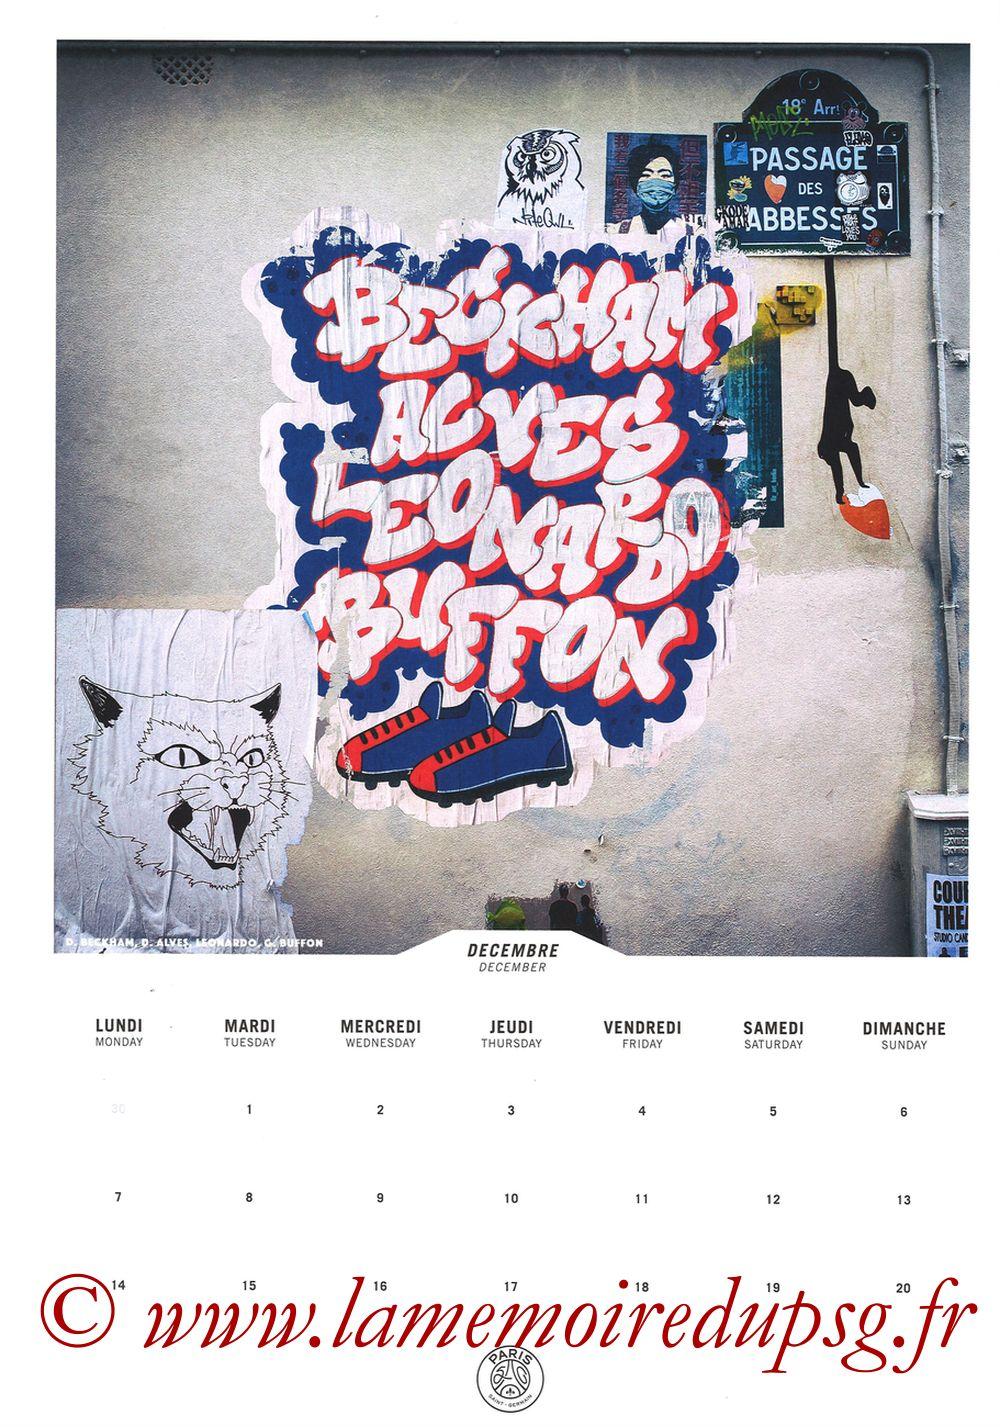 Calendrier PSG 2020 - Page 23 - BECKHAM + ALVES + LEONARDO + BUFFON